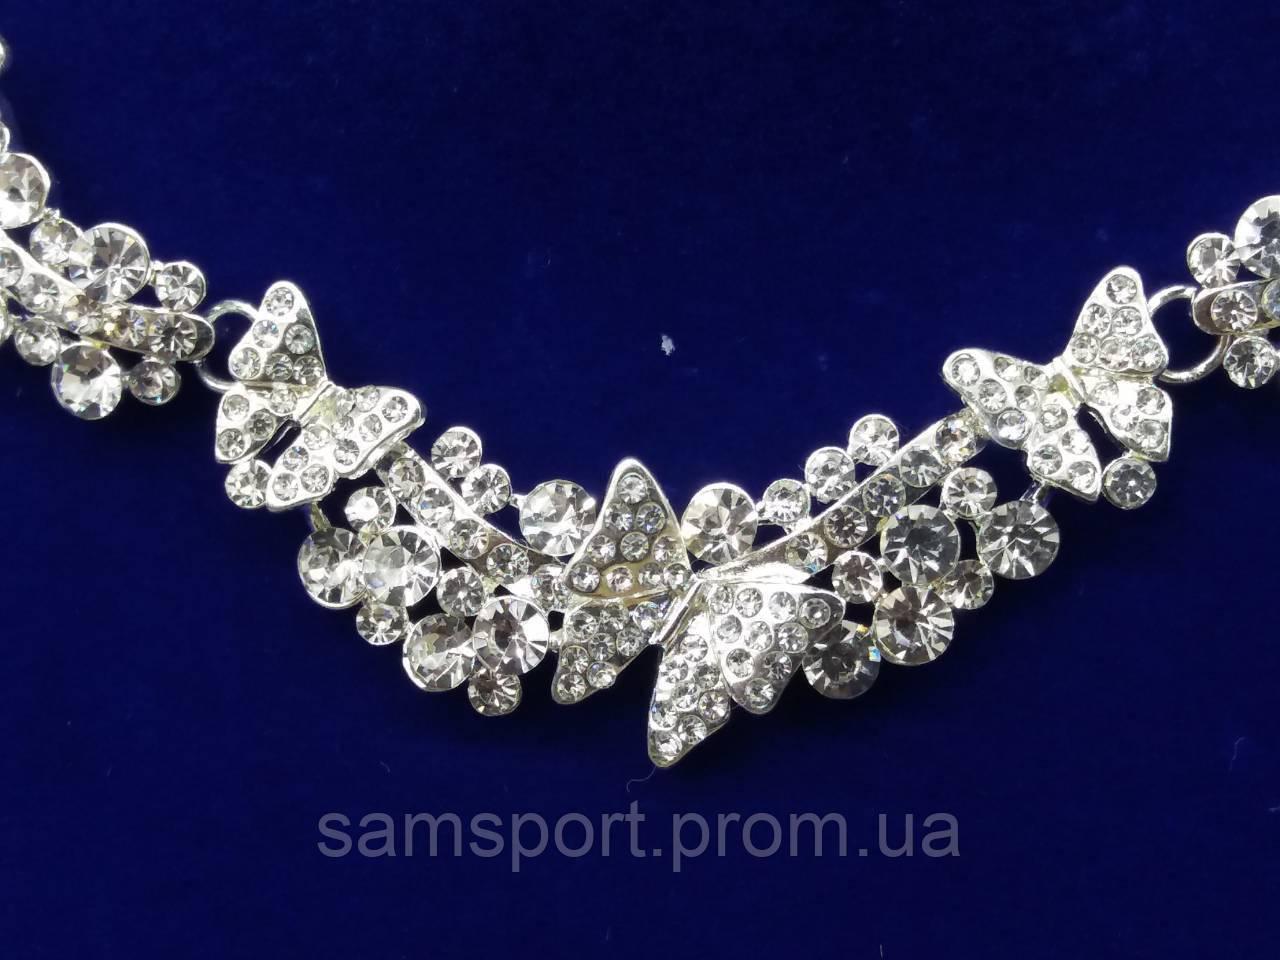 221 Нежные свадебные комплекты, бижутерия оптом. Торжественная бижутерия в Украине оптом